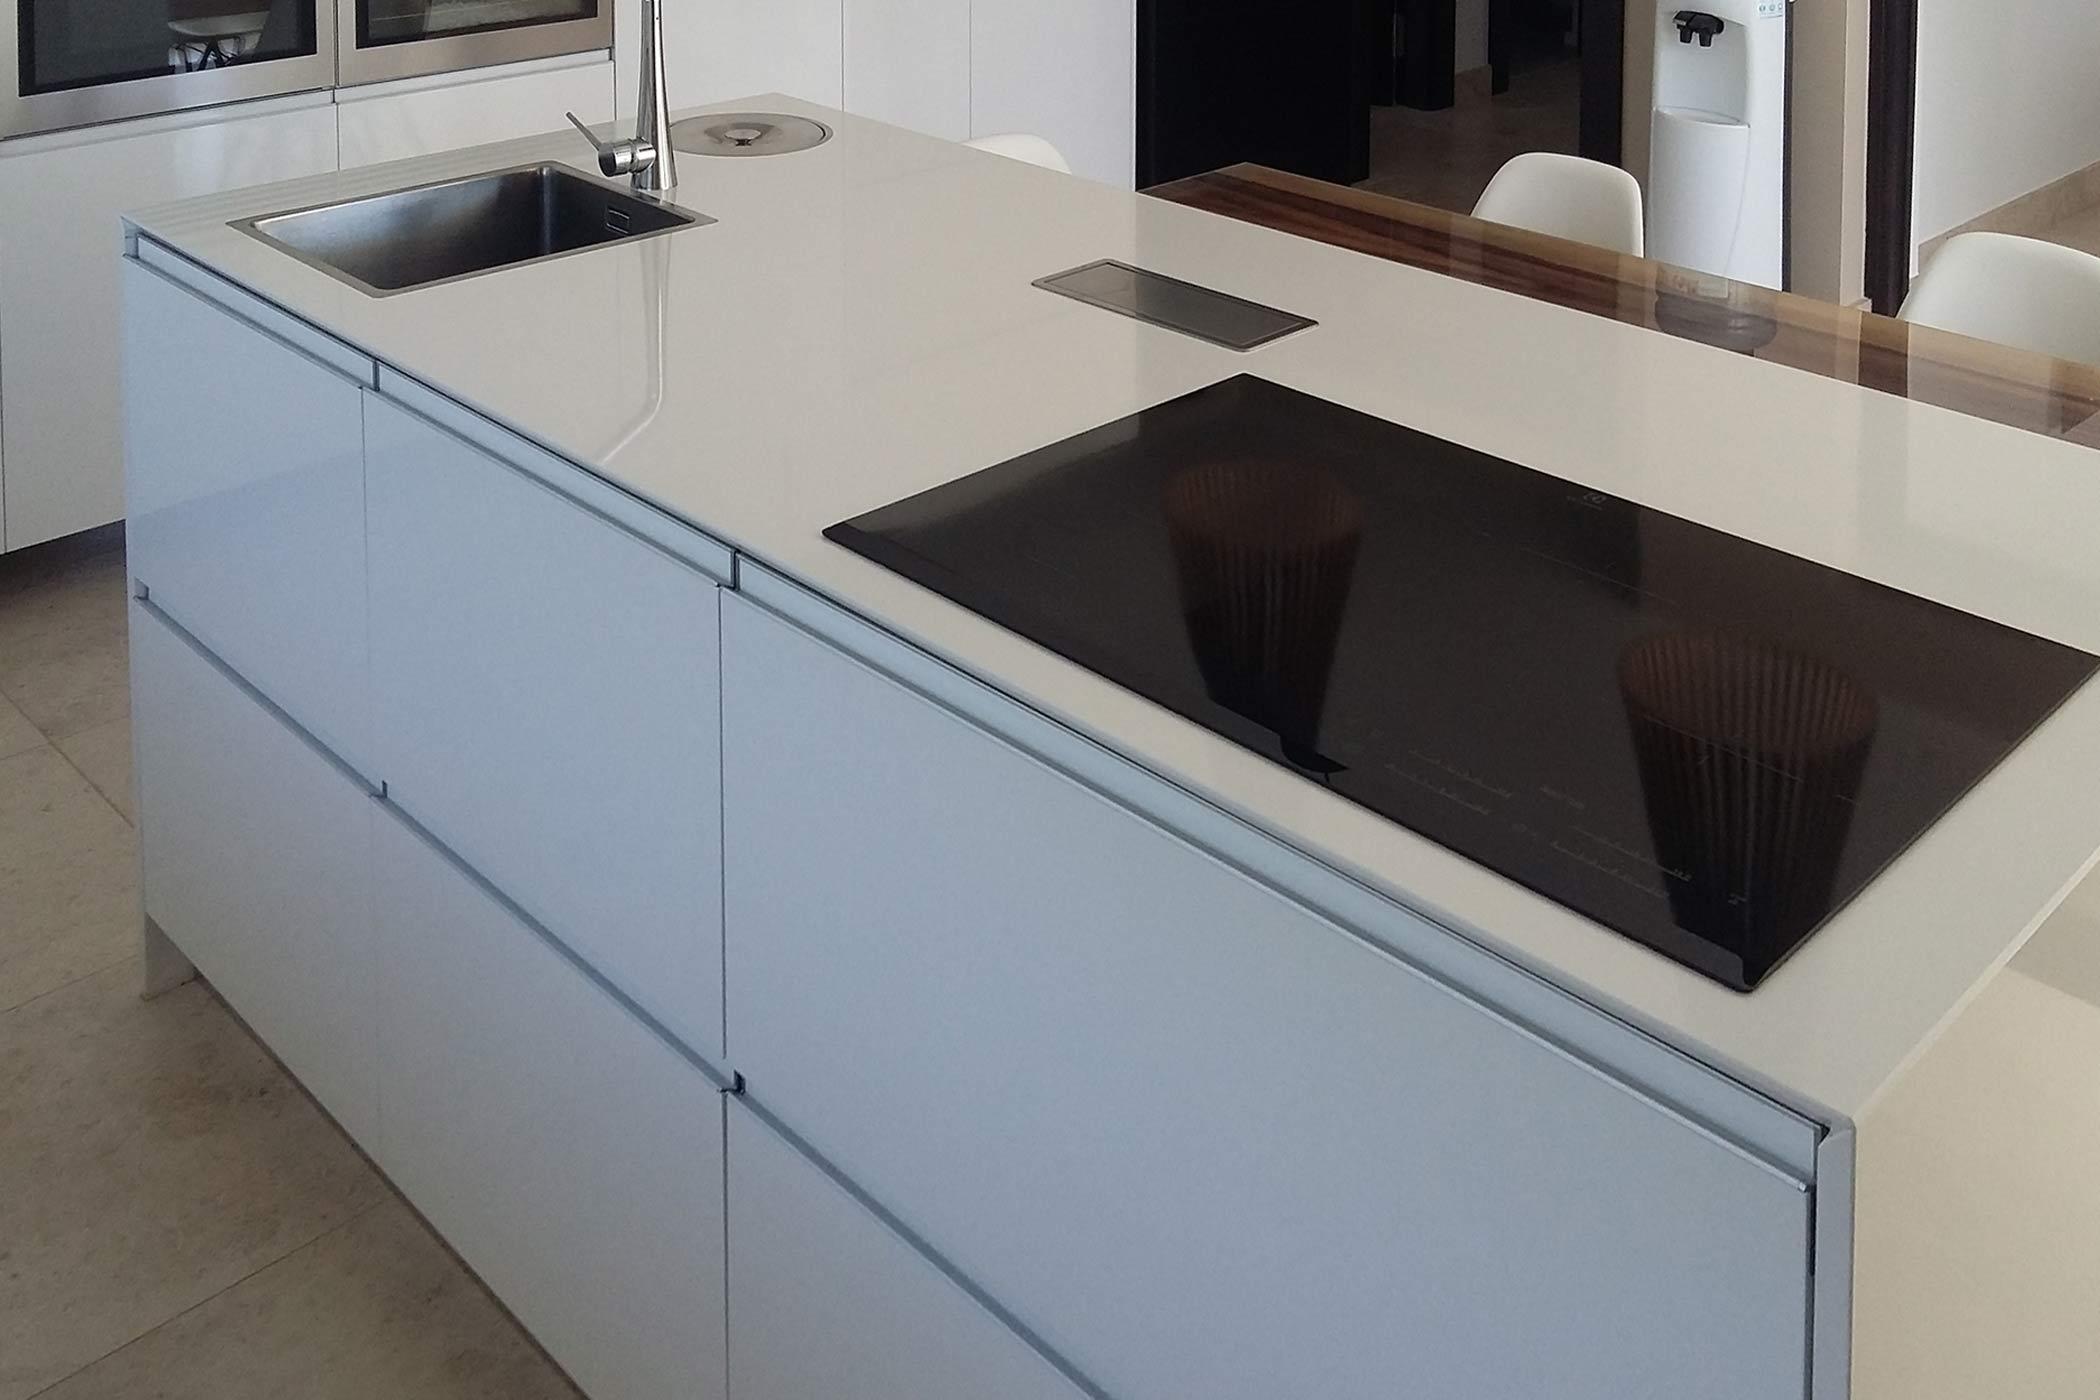 Isla de cocina en con puertas, encimera y laterales en color blanco y modelo con tirador de aluminio incorporado